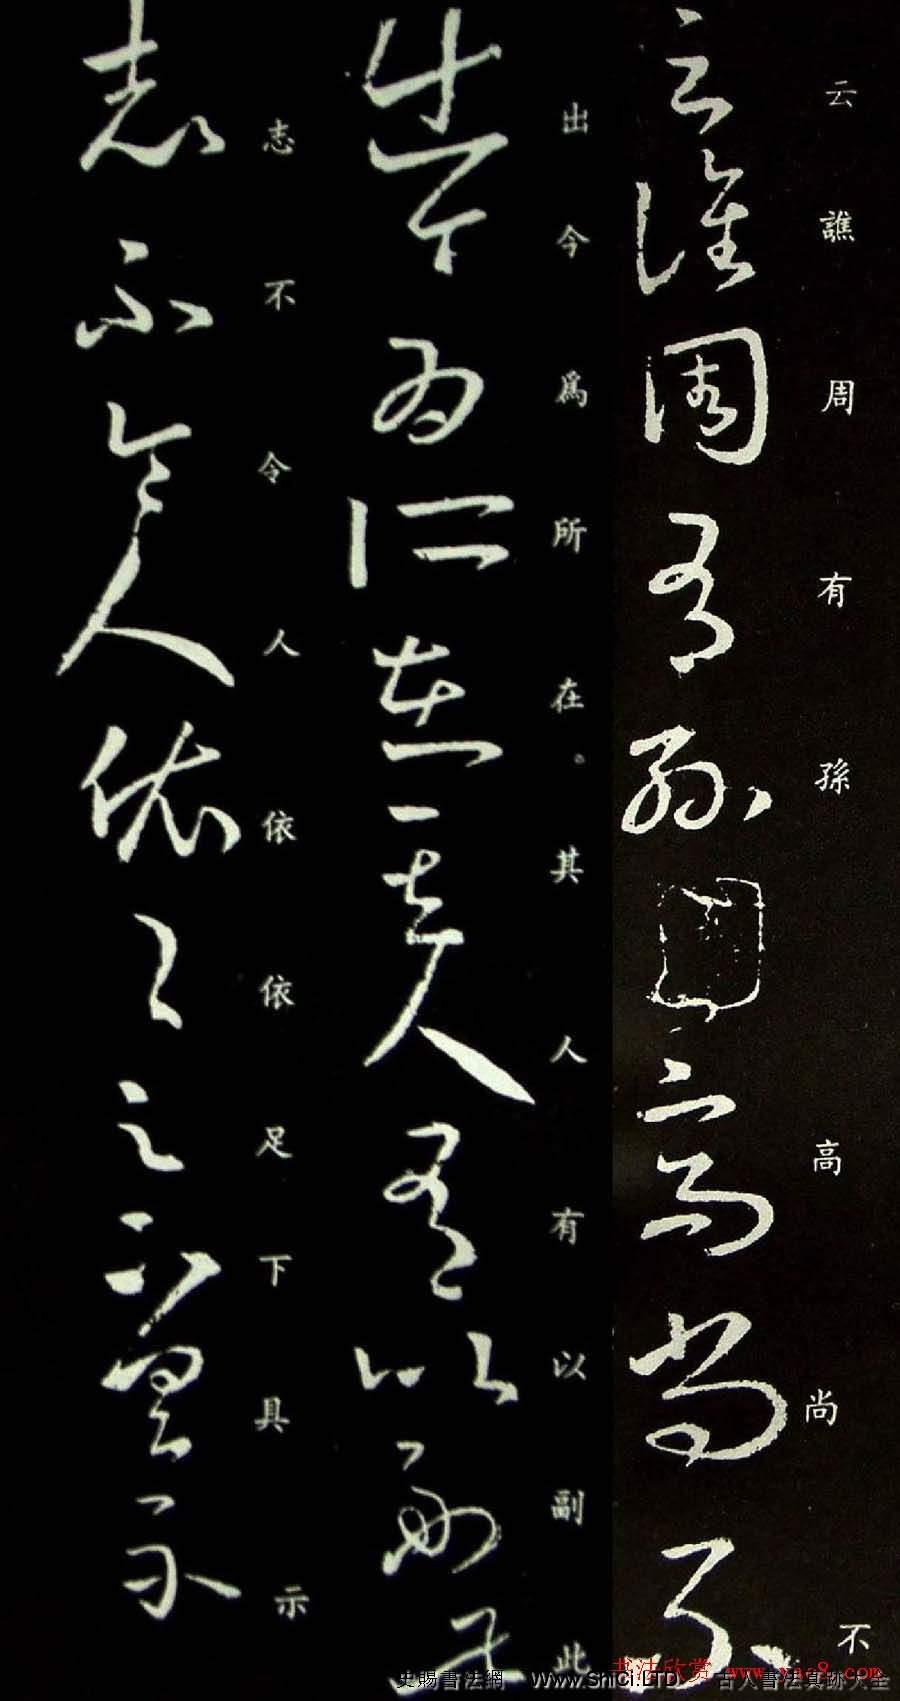 王羲之草書尺牘《譙周帖》拓本(共4張圖片)